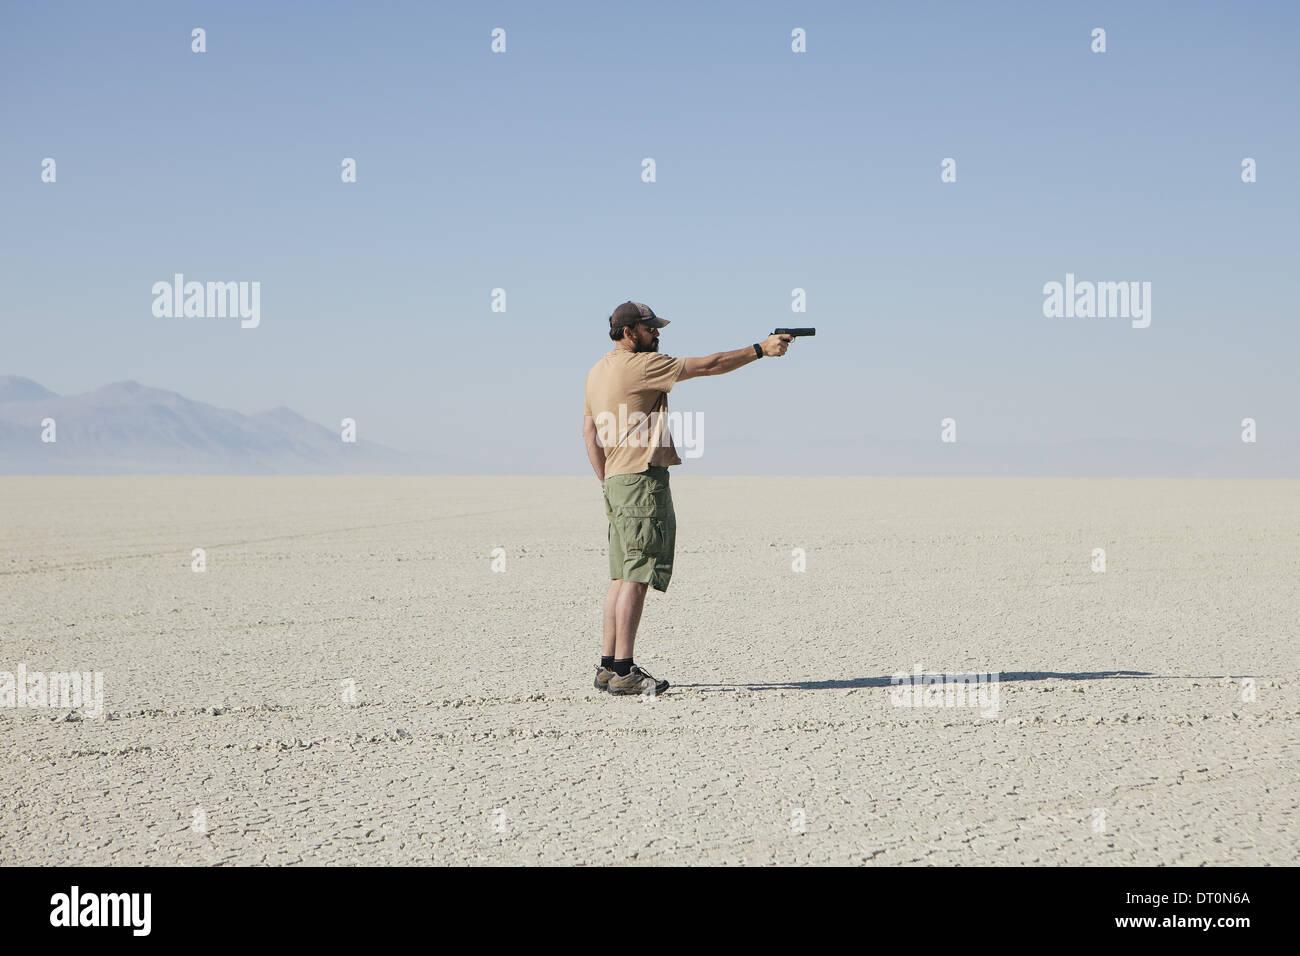 Black Rock Desert Nevada USA Man aiming hand gun standing in vast barren desert Stock Photo